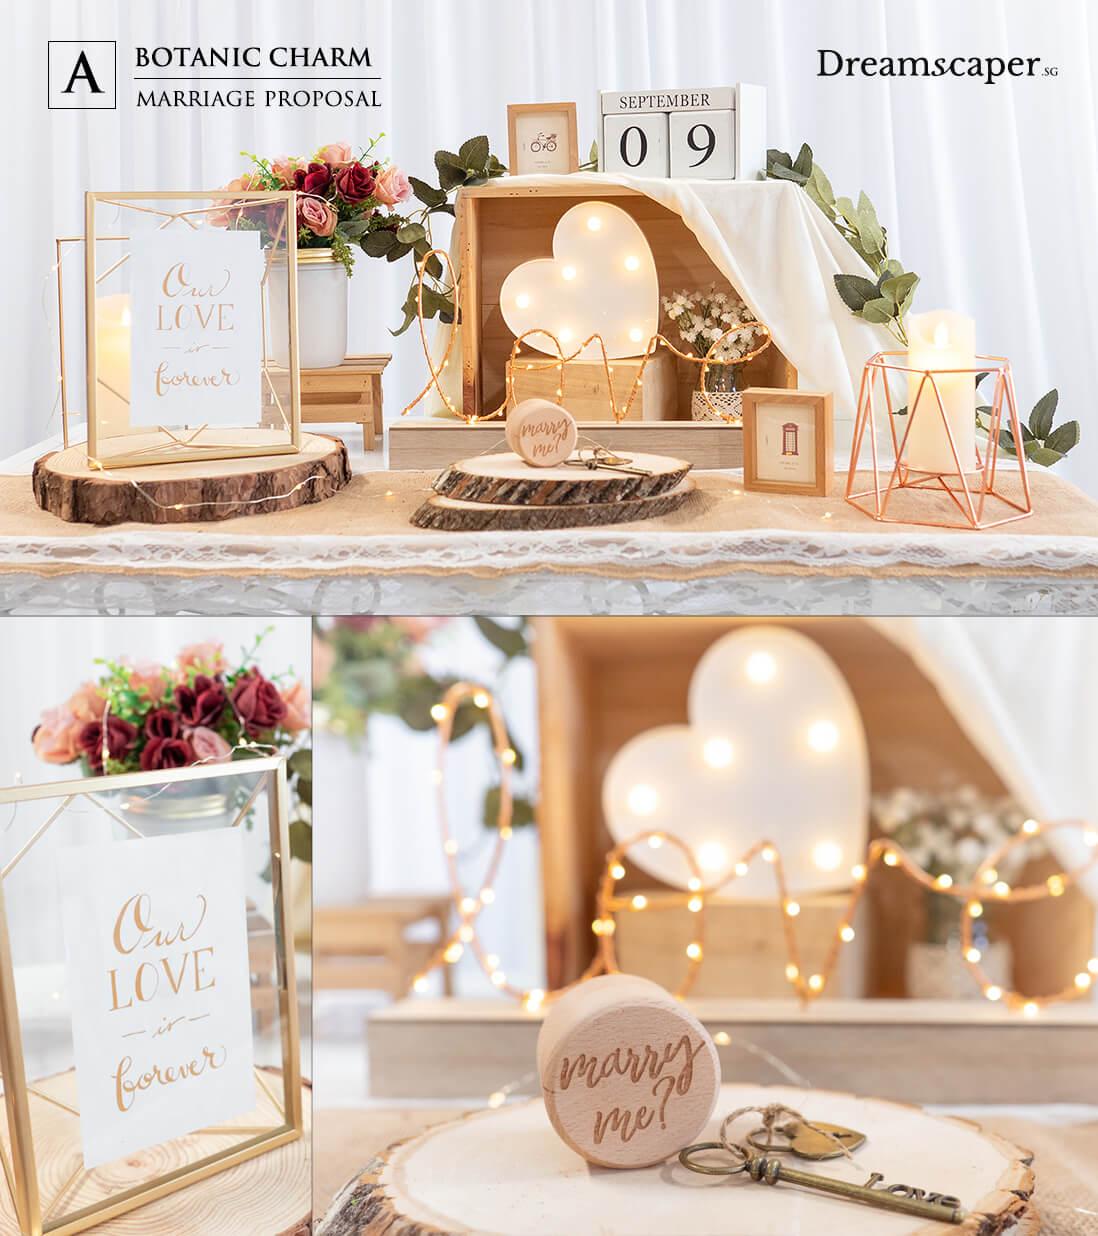 Unique Marriage Proposal - Rustic Romance